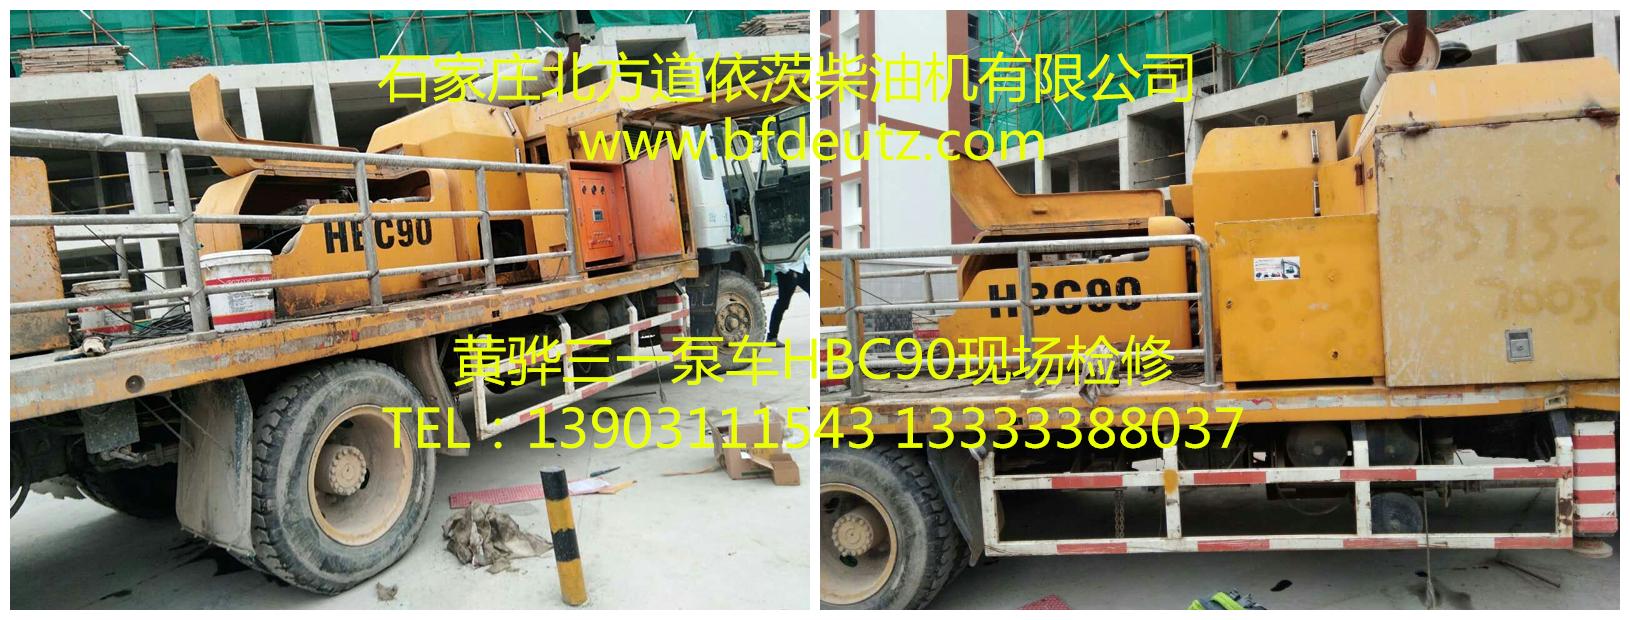 黄骅三一泵车HBC90现场检修